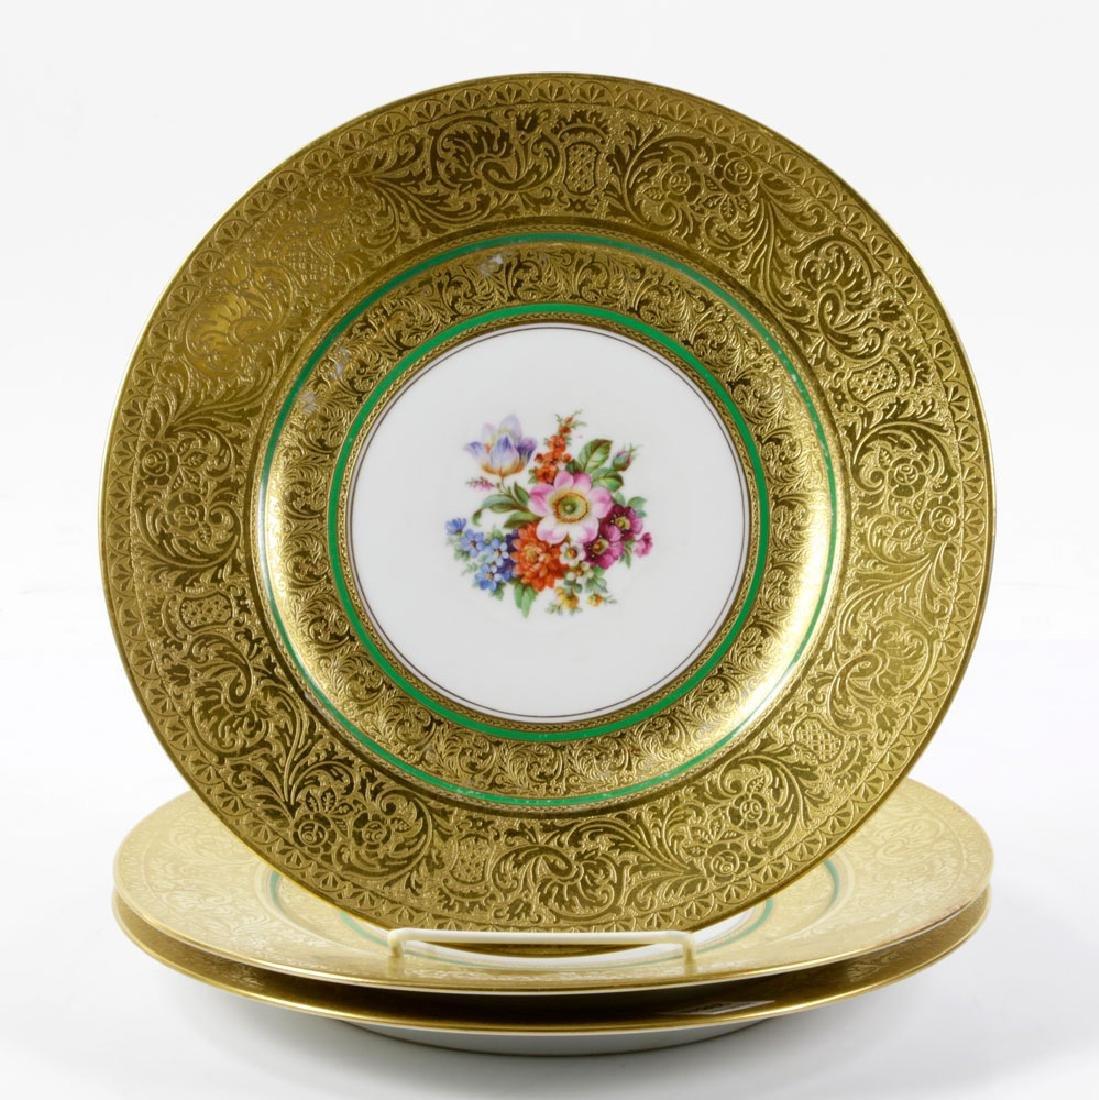 Bavarian Gold Dinner Plates - 3